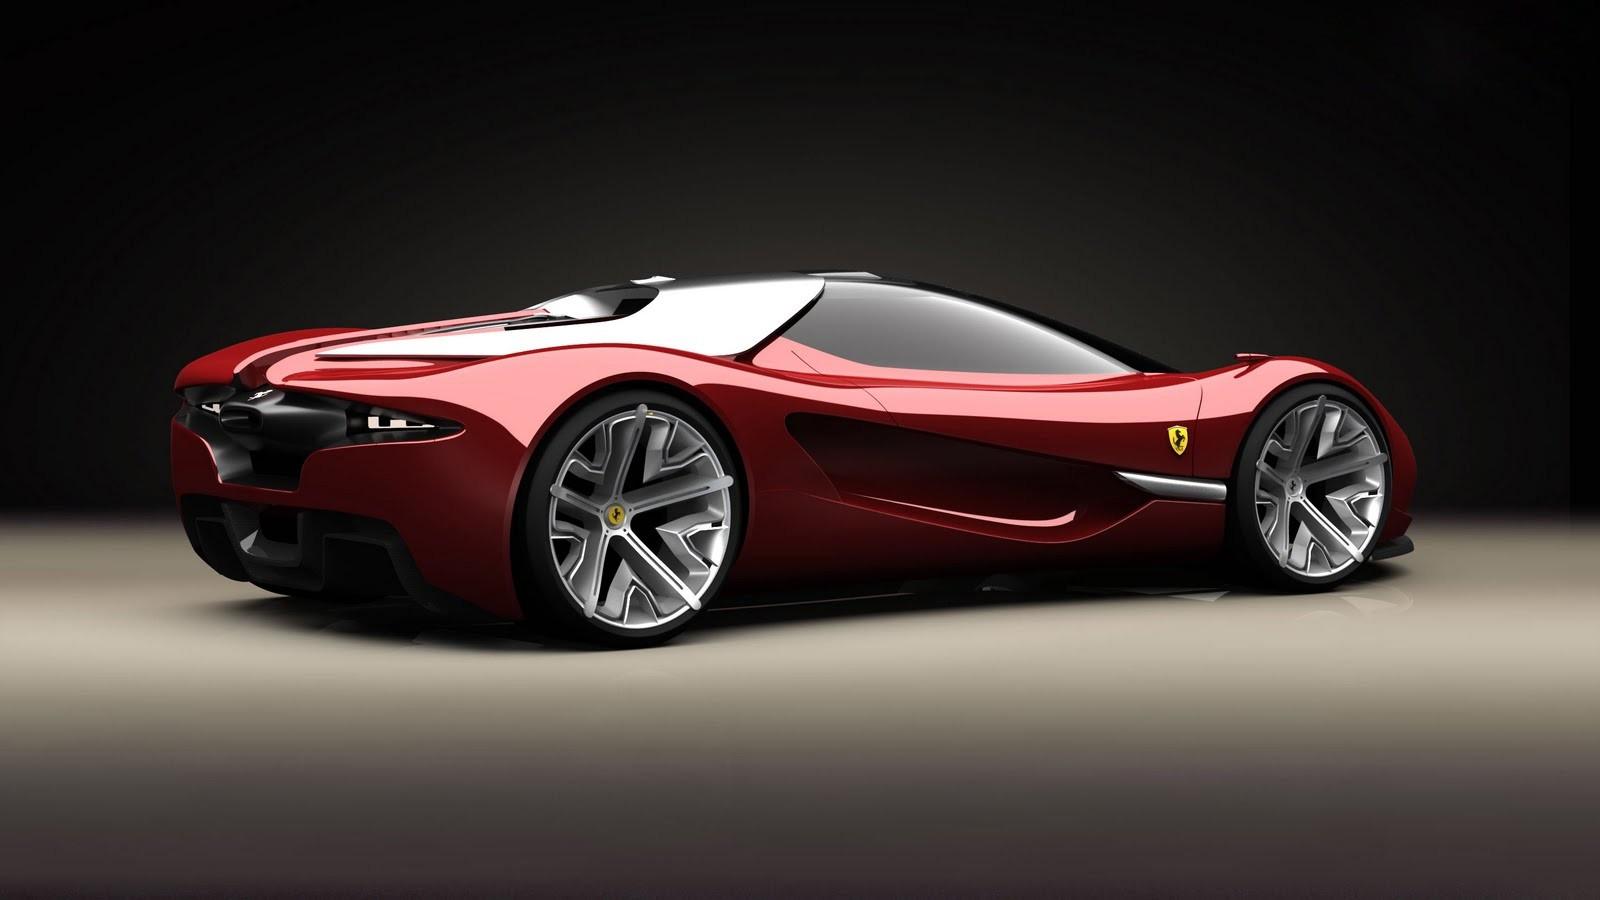 Ferrari Supercars Wallpaper 1600x900 Ferrari Supercars Concept Cars 1600x900